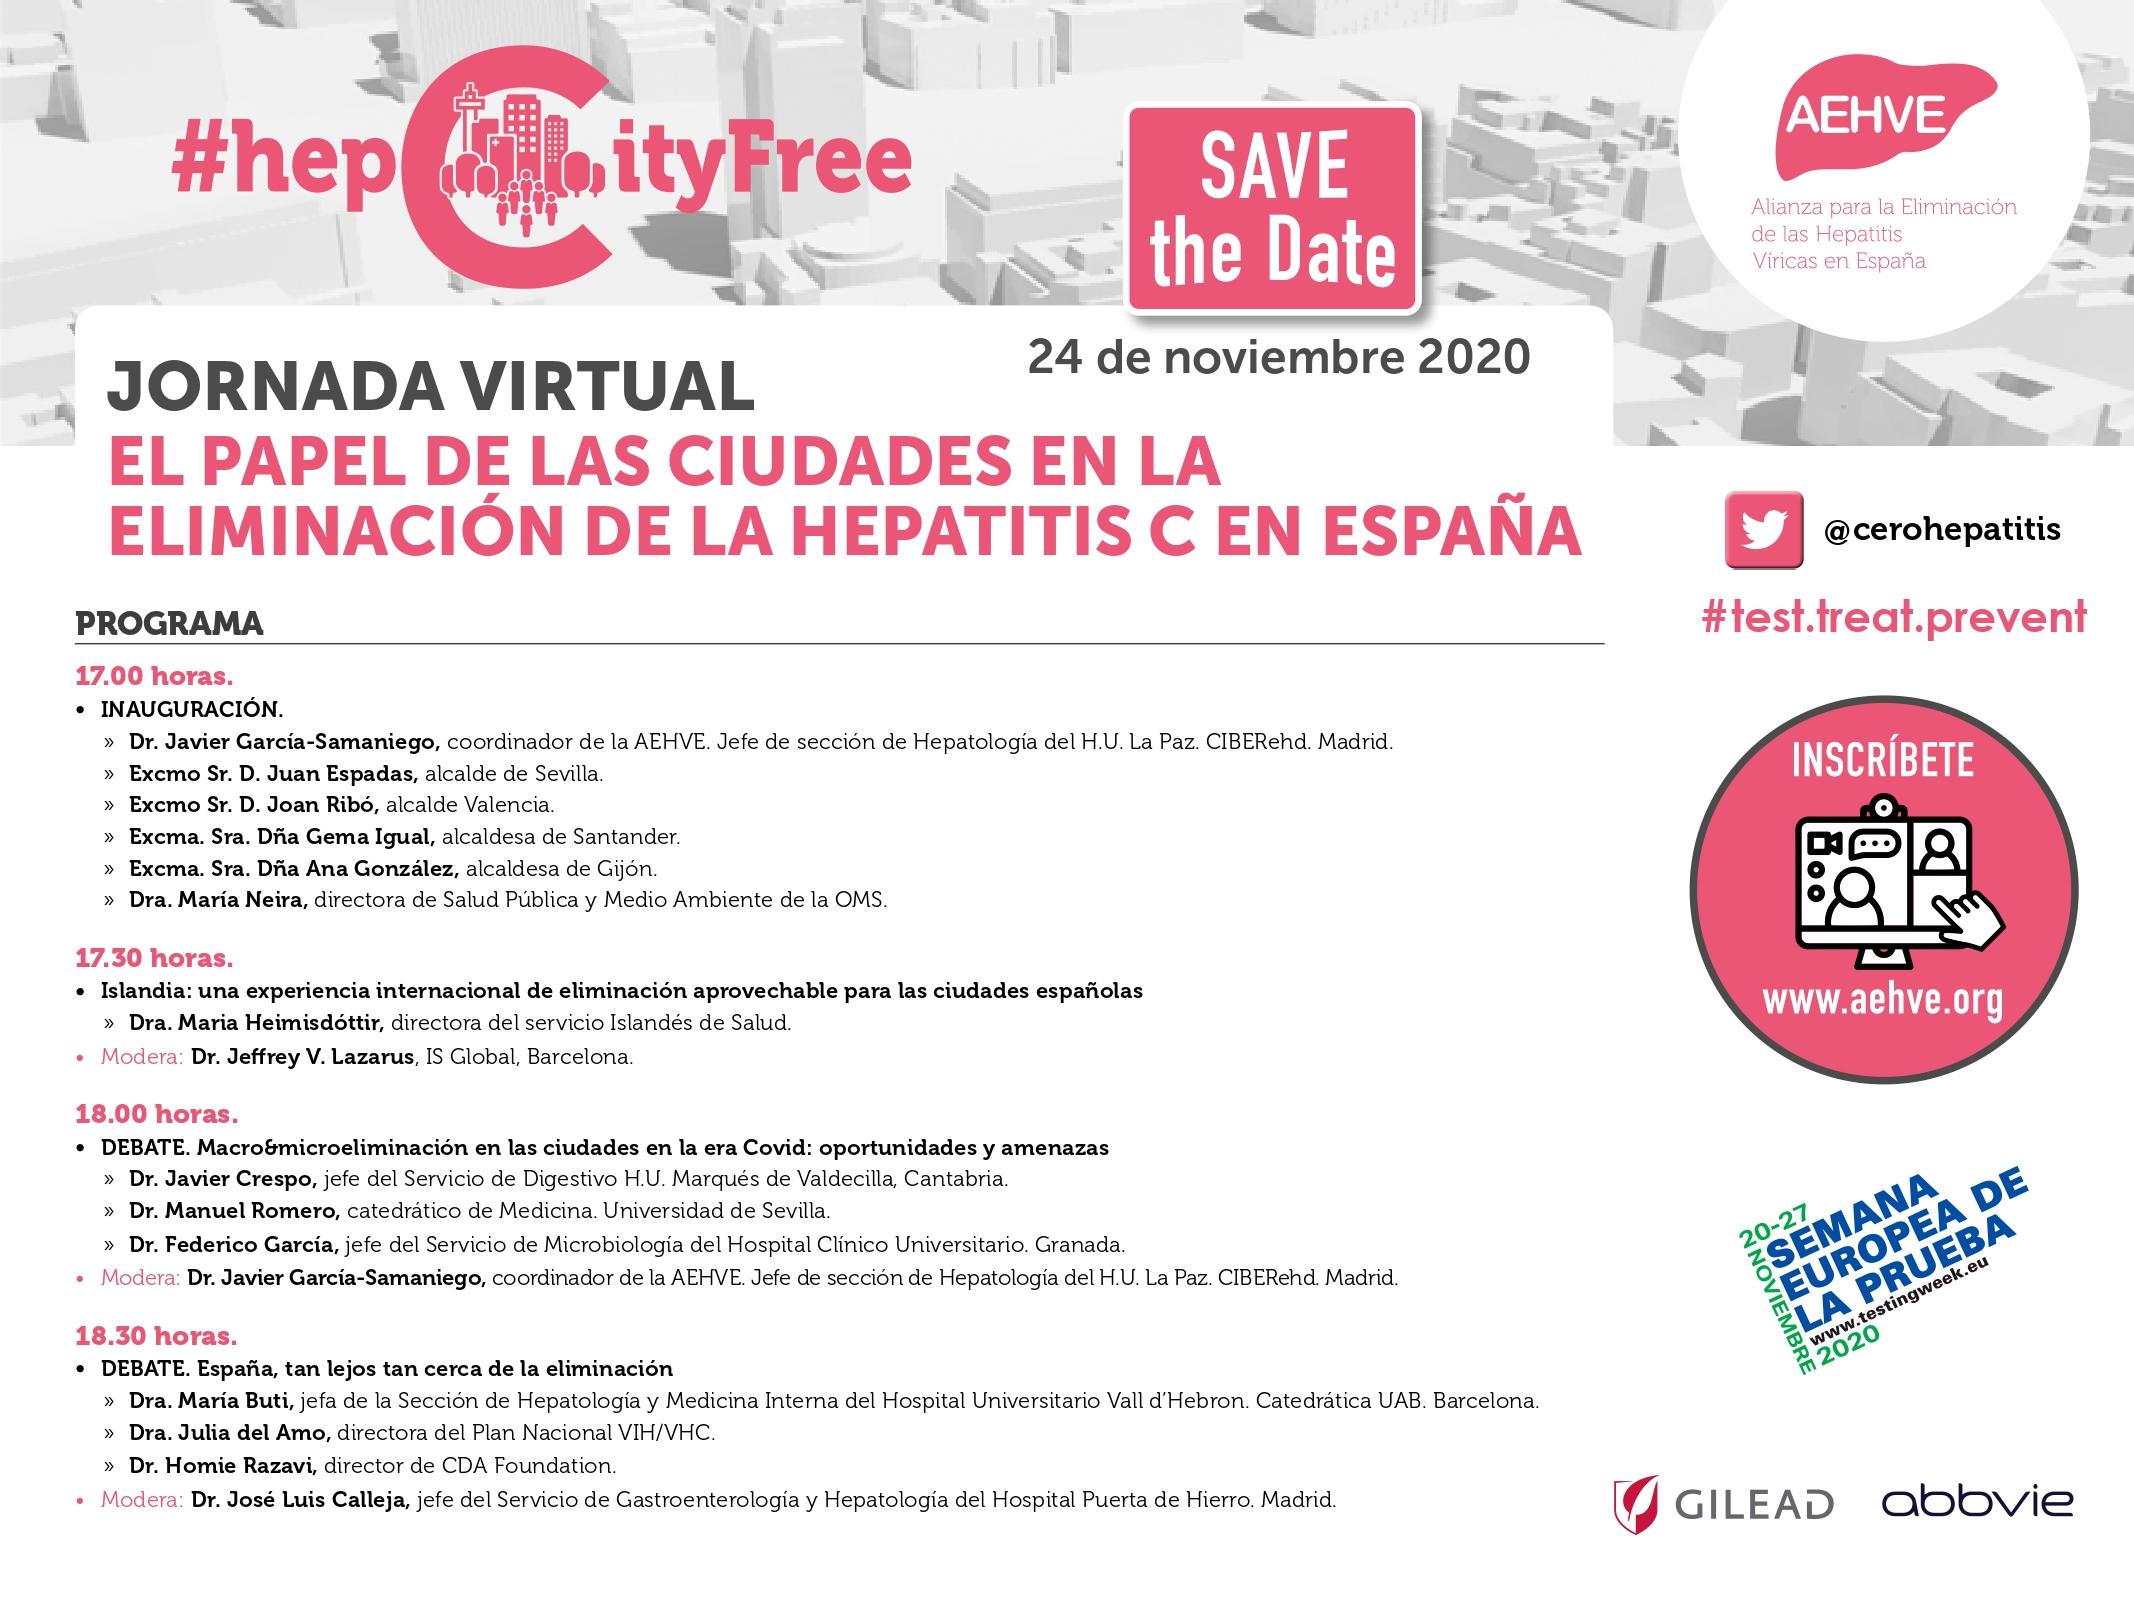 Jornada virtual 'El papel de las ciudades en la eliminación de la hepatitis C en España'